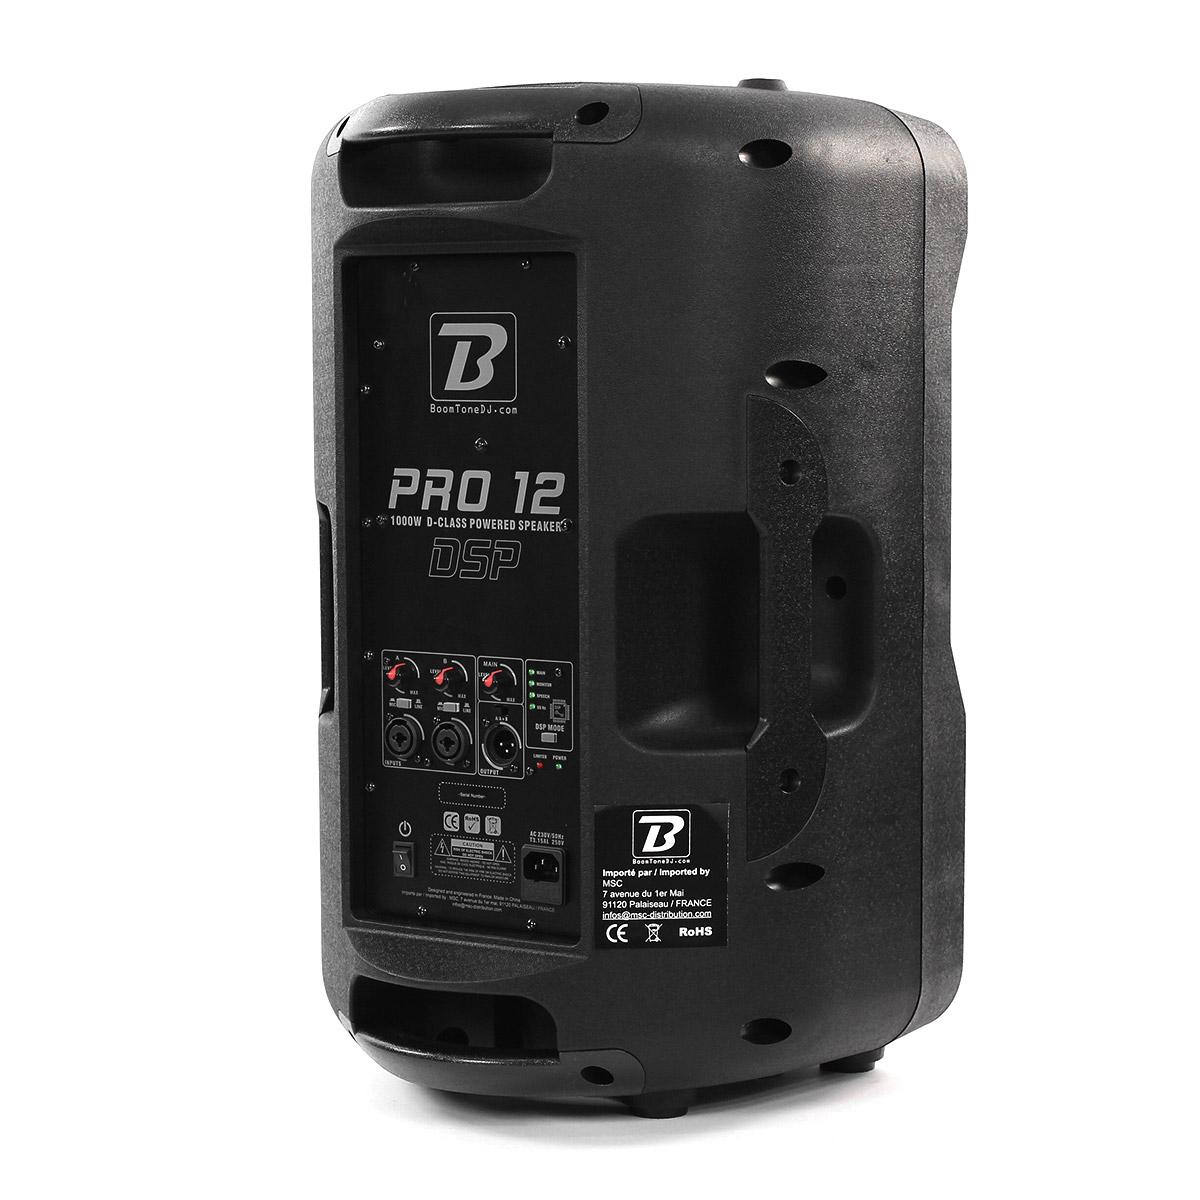 PRO12-DSP